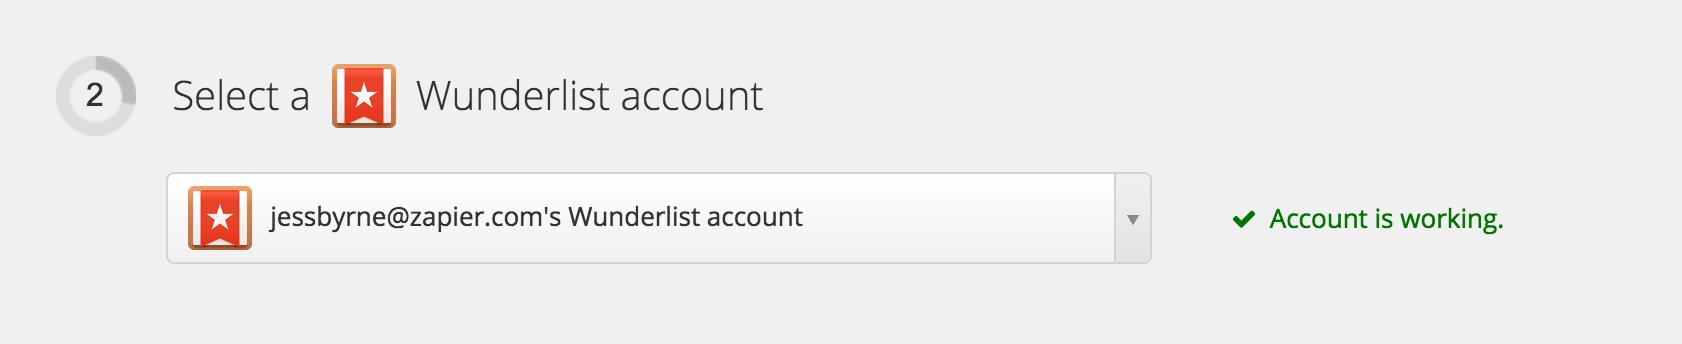 Wunderlist Account Test